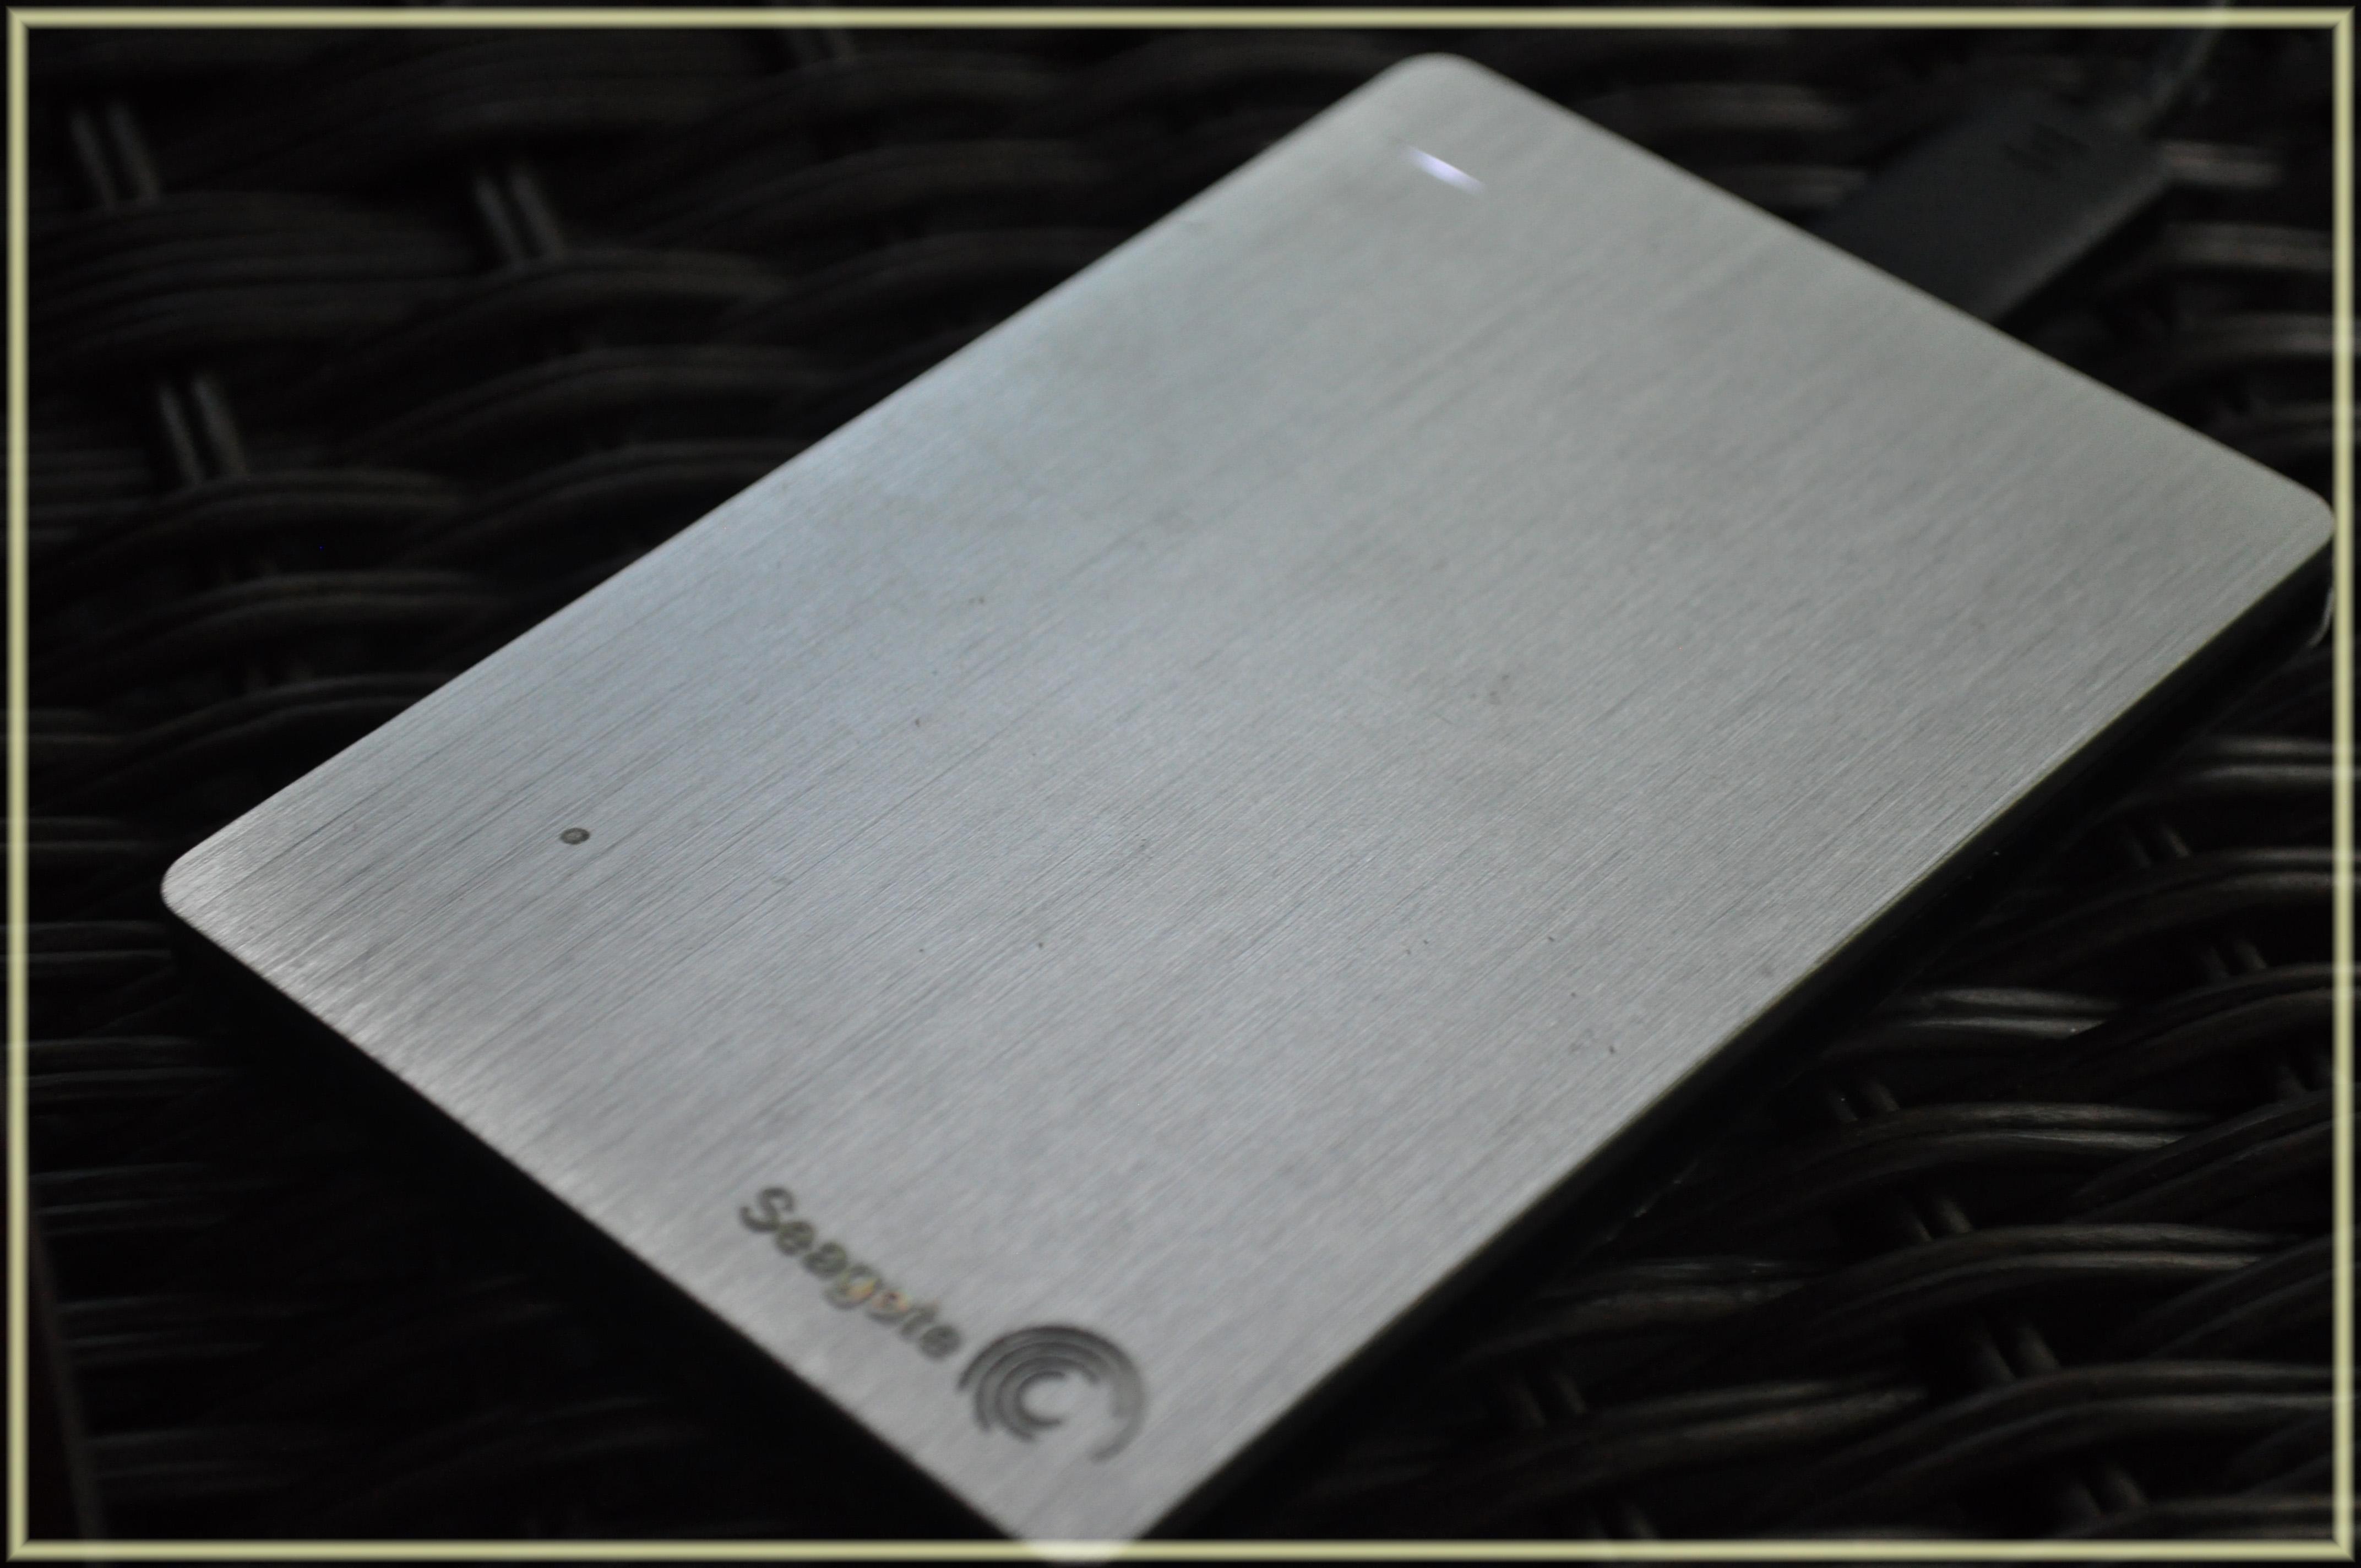 Seagate Slim Portable Drive